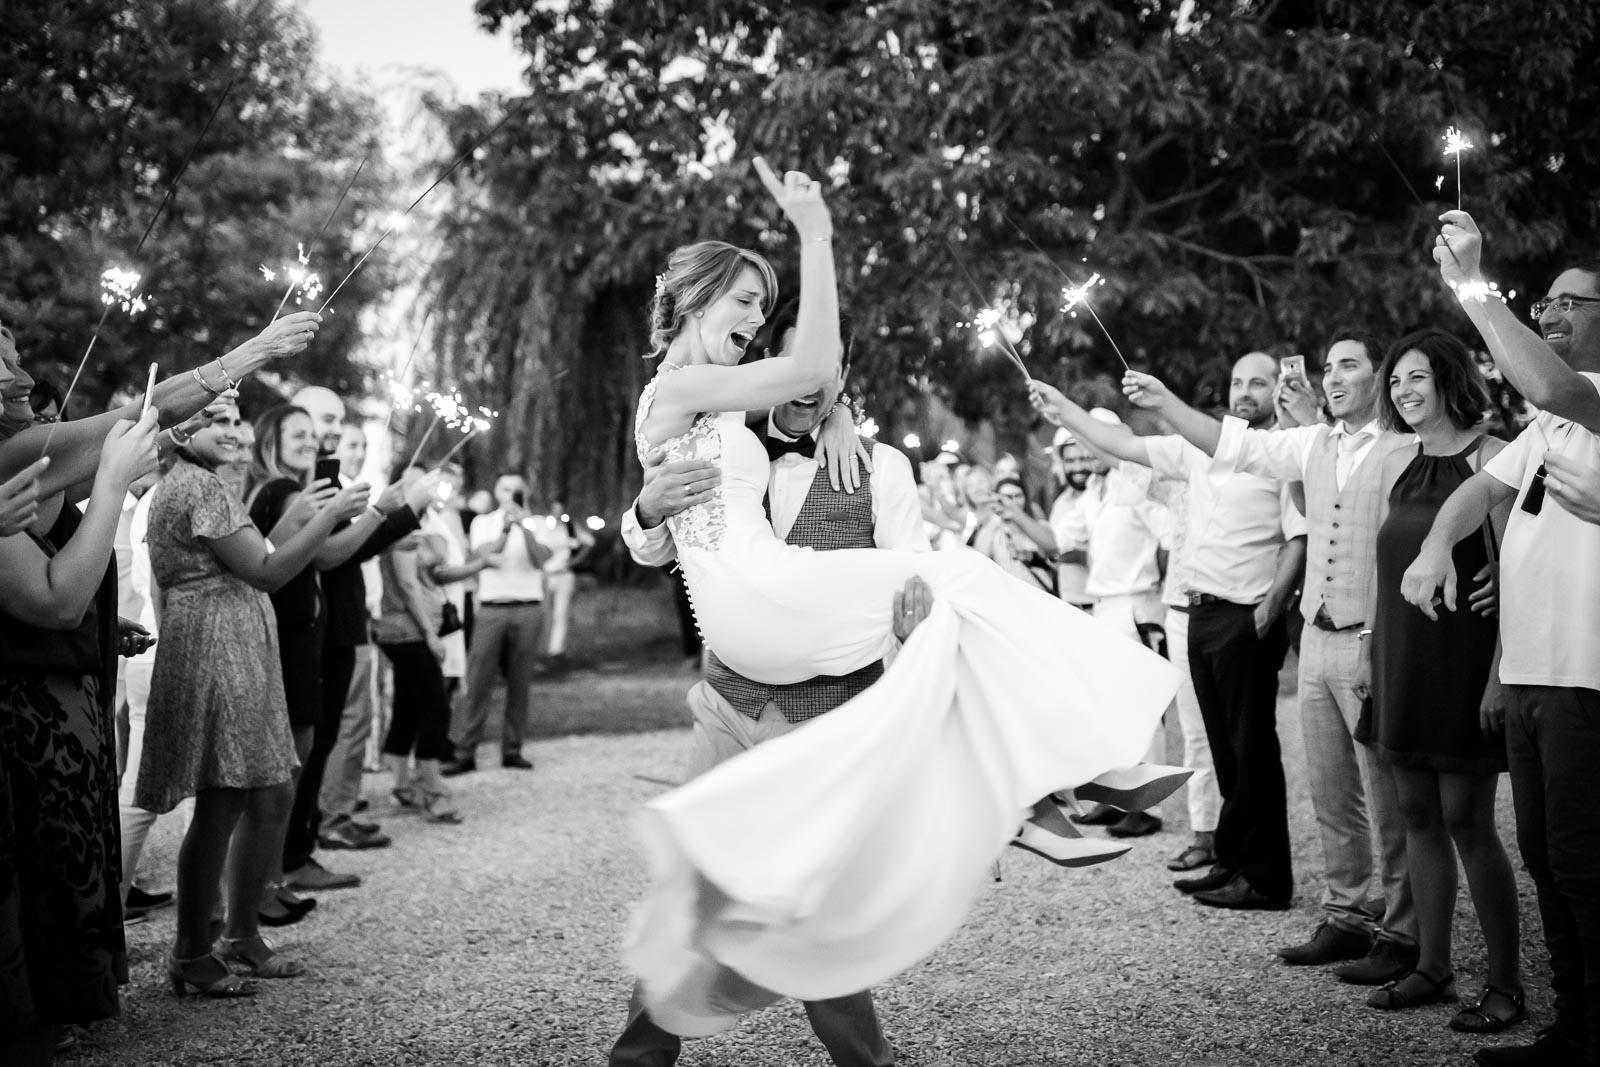 Photographie de Mathieu Dété présentant une mariée heureuse lors de l'entrée en salle